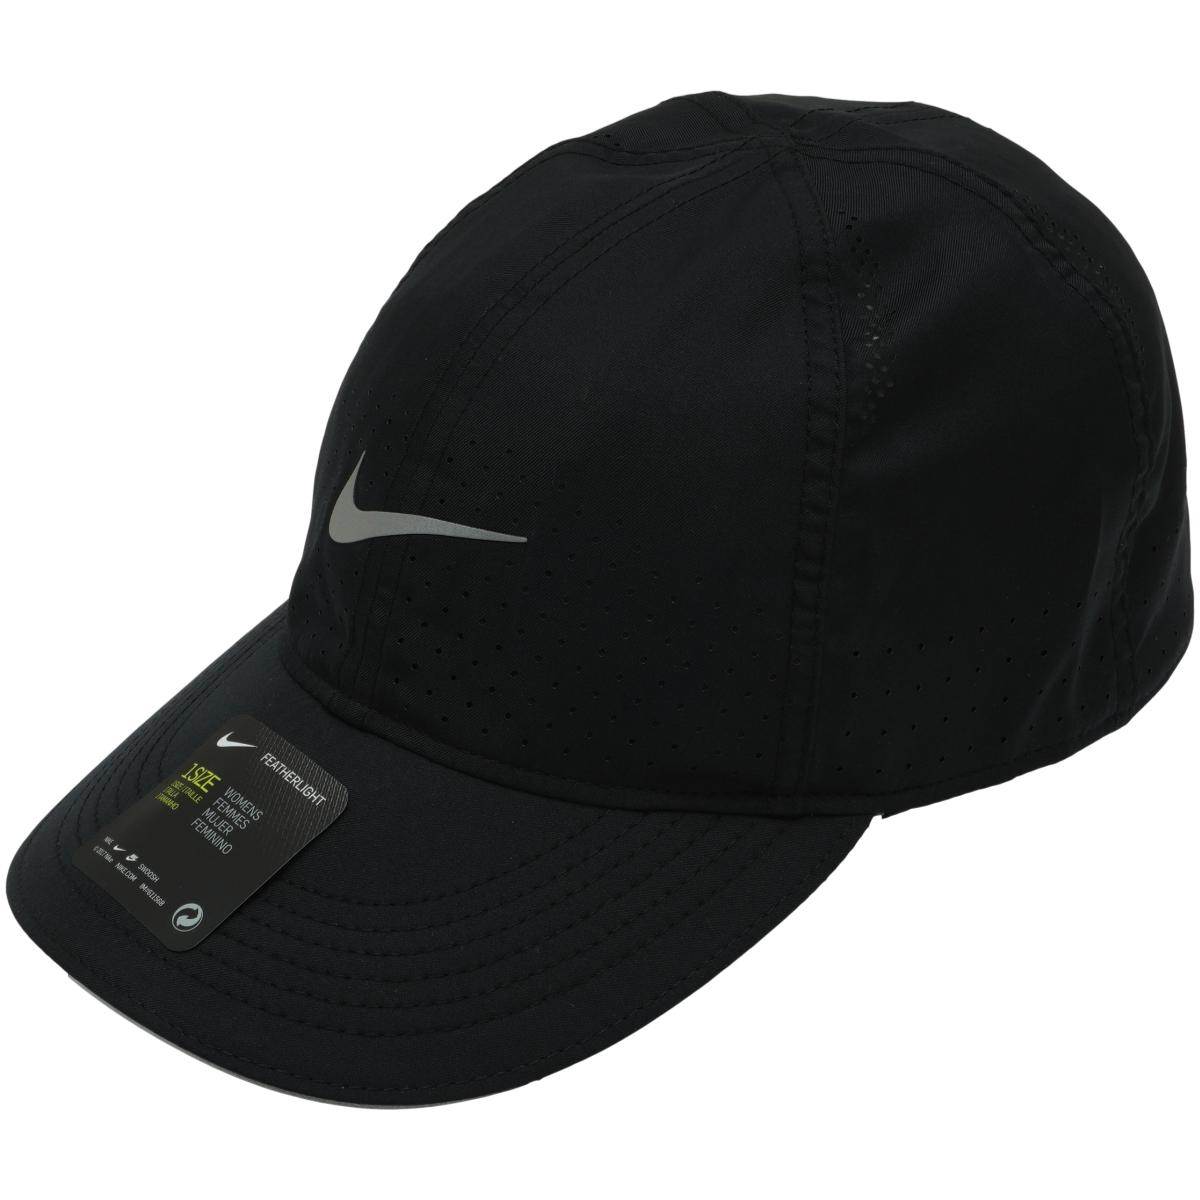 13時までの注文であす楽対応 在庫一掃 土日祝も出荷可 ナイキ NIKE フェザーライト ラン ゴルフウェア ゴルフ 2021年 帽子 レディスレディース 高品質 キャップ